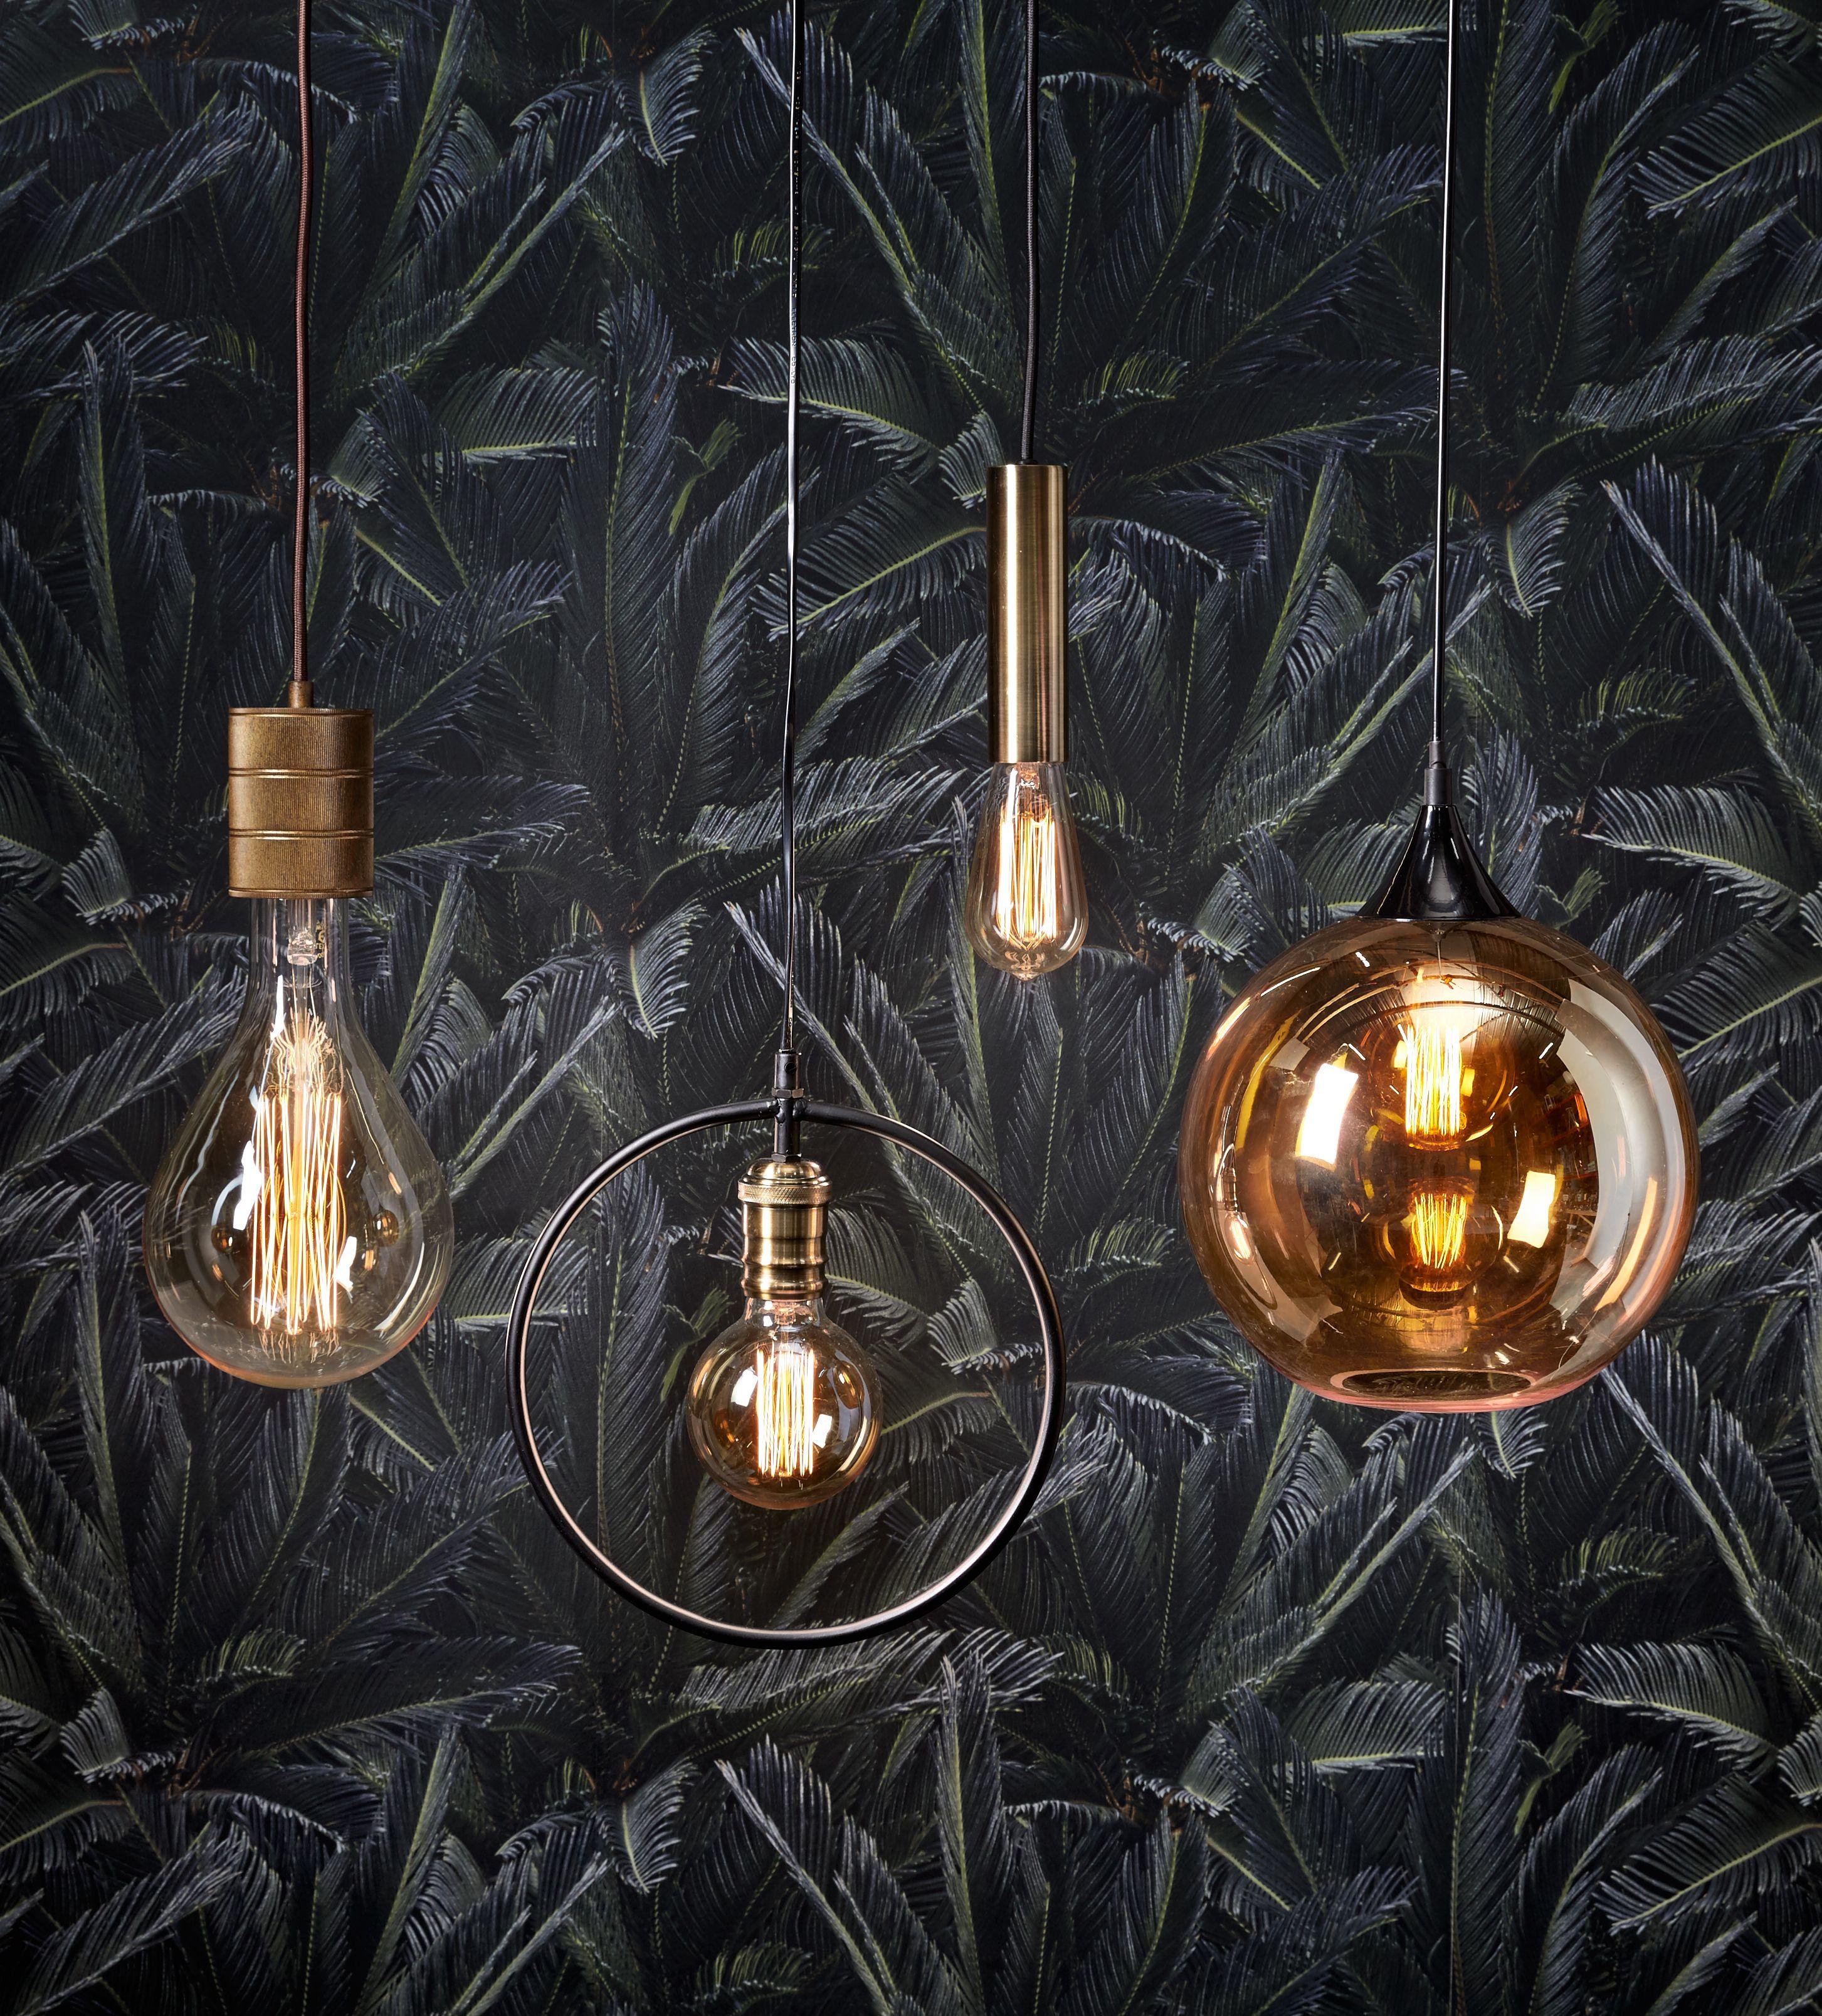 Maak het gezellig in huis met mooie verlichting. Heb jij onze nieuwe ...